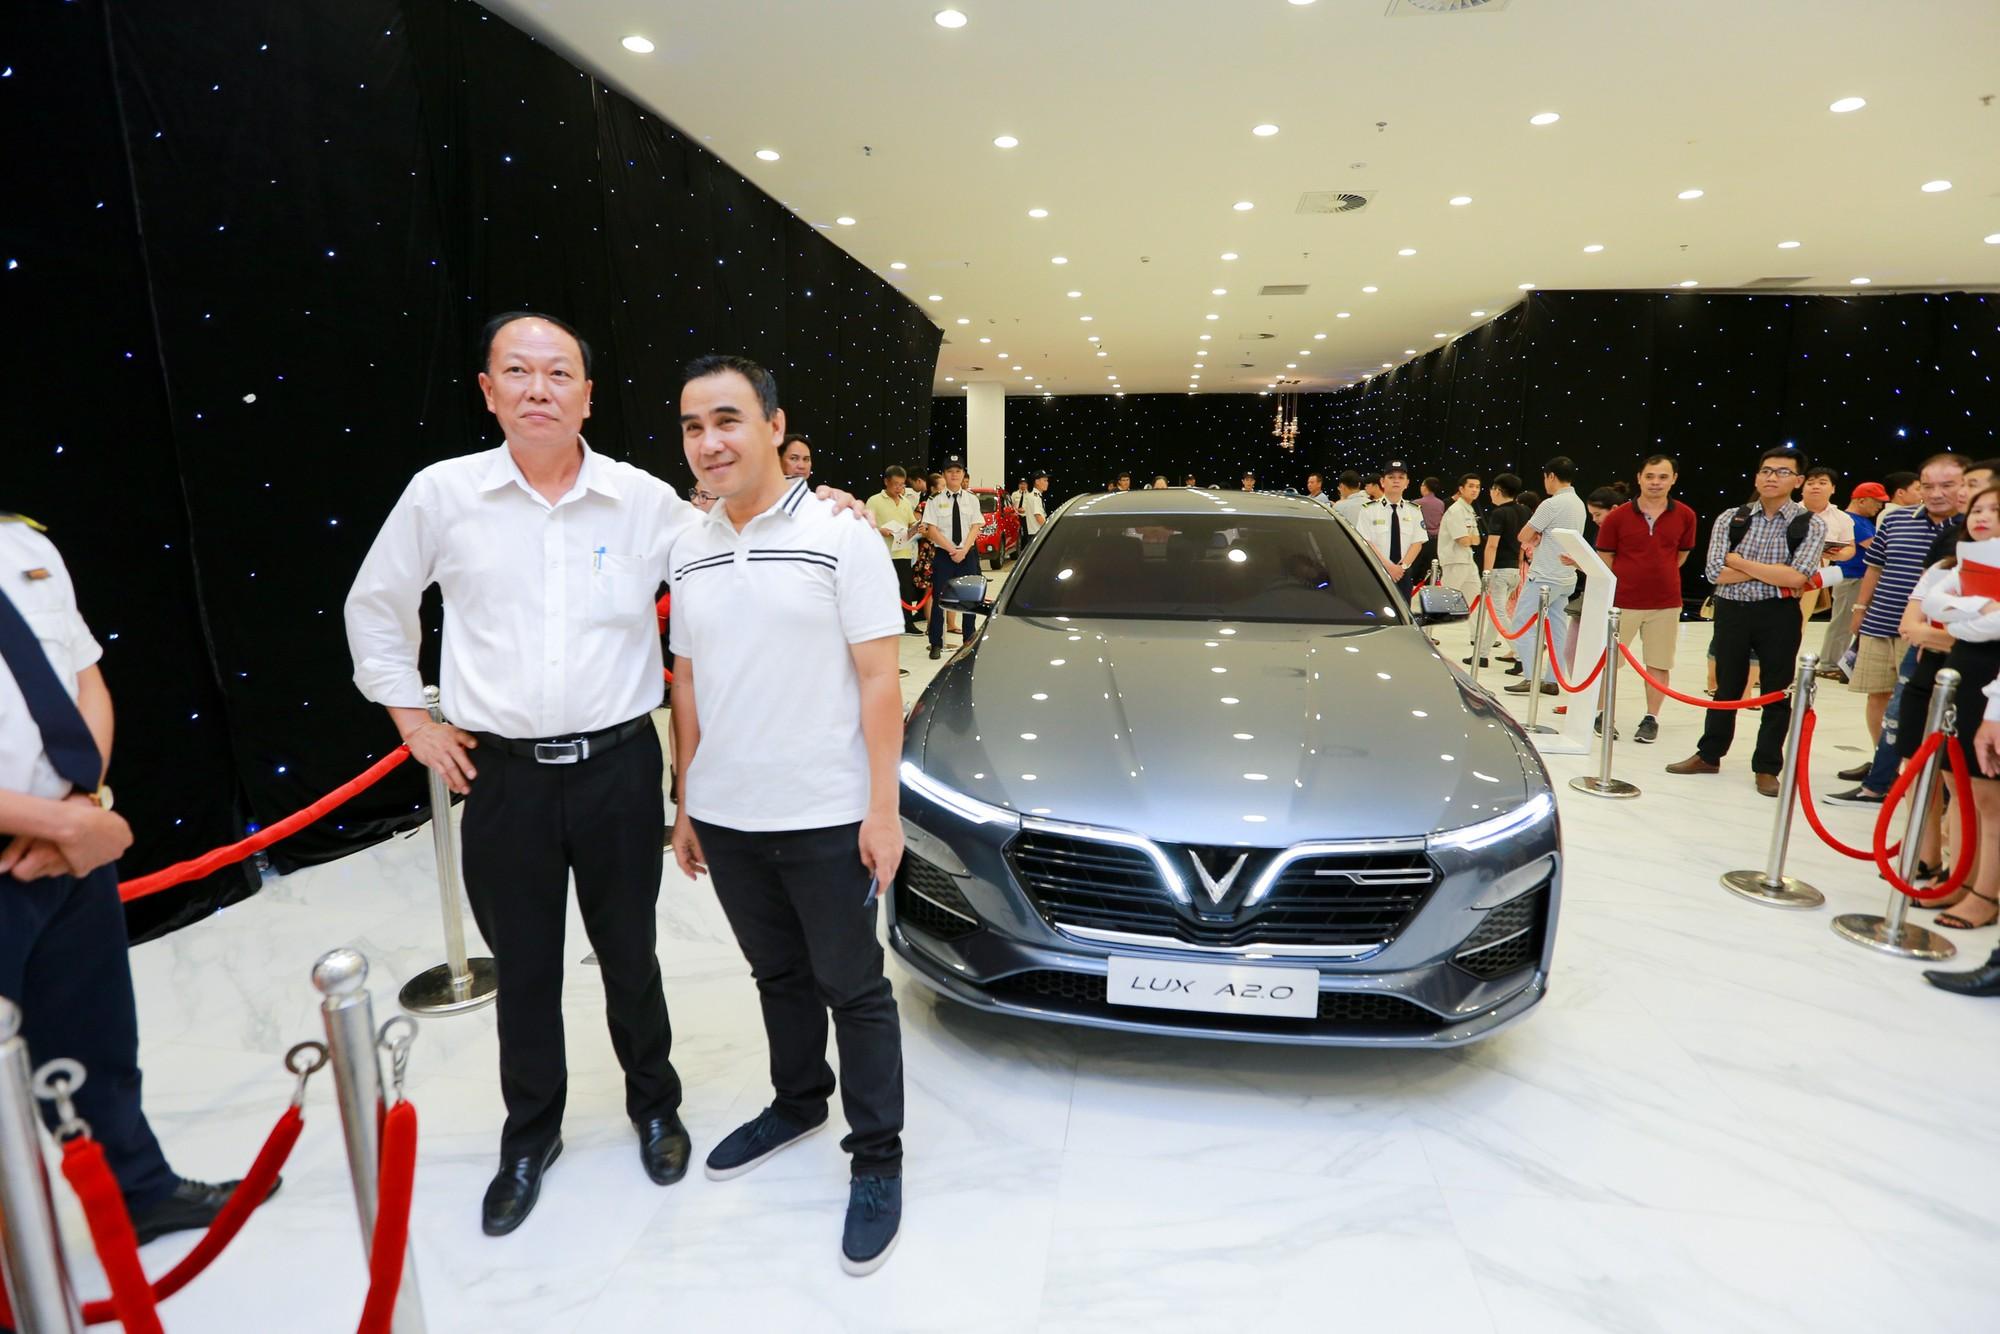 Giới showbiz cũng rộn ràng vì xe VinFast: Sao nam mê mệt SUV Lux SA 2.0, sao nữ rước bằng được Klara về nhà - Ảnh 7.